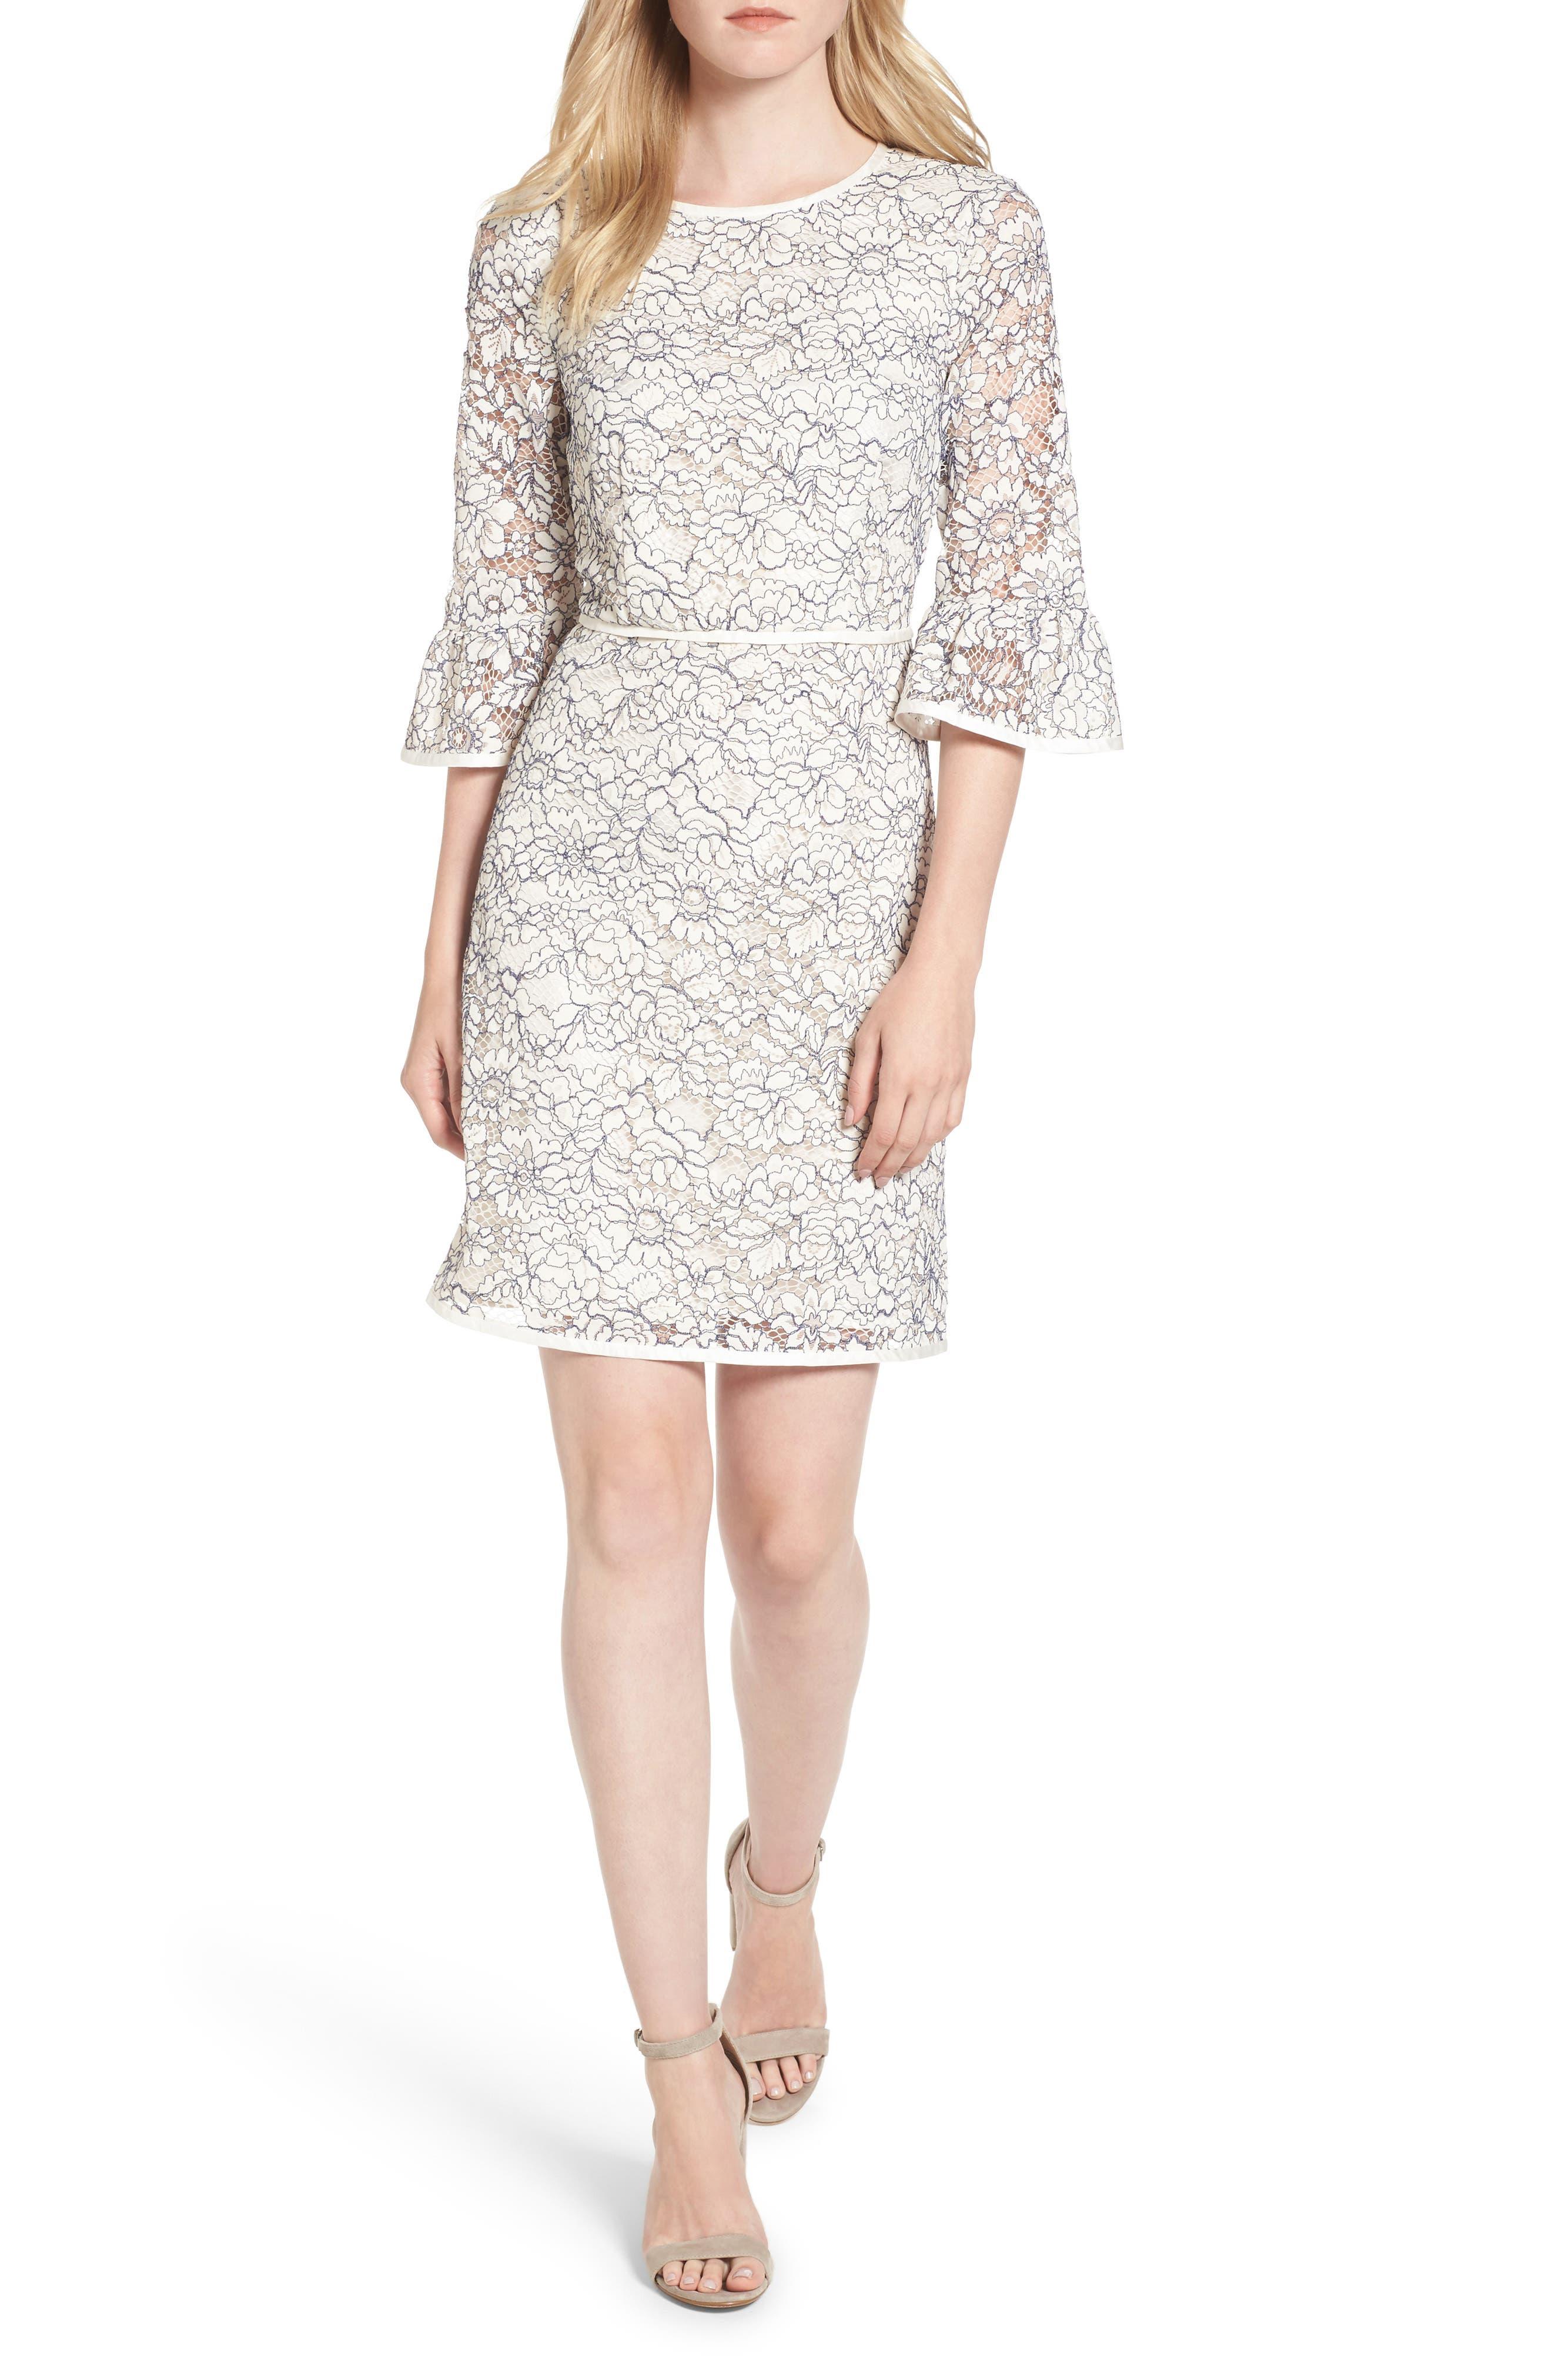 Draper James Lace Rosslyn A-Line Dress